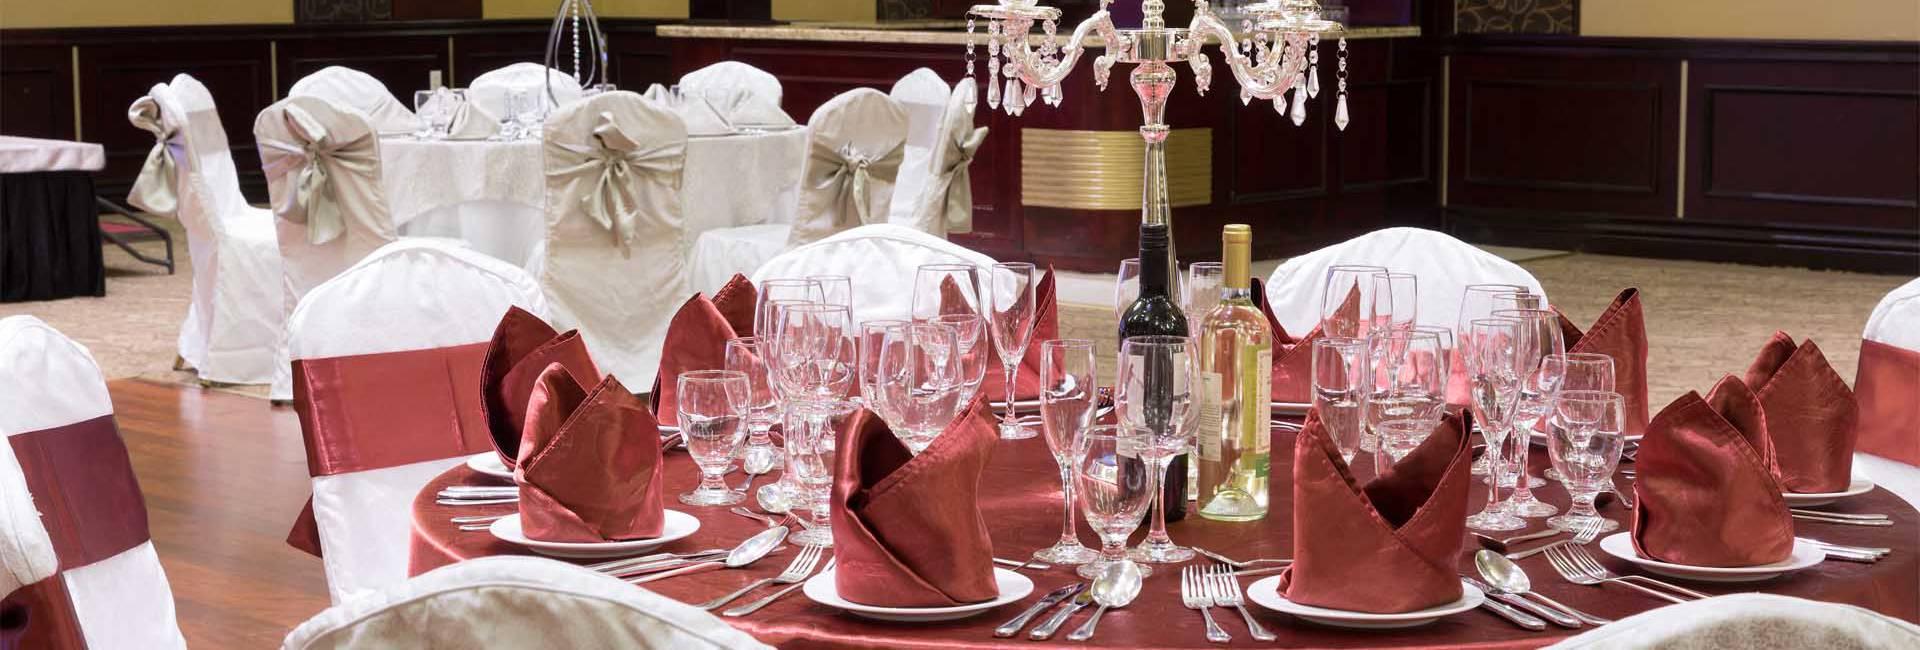 Banquet hall Scarborough